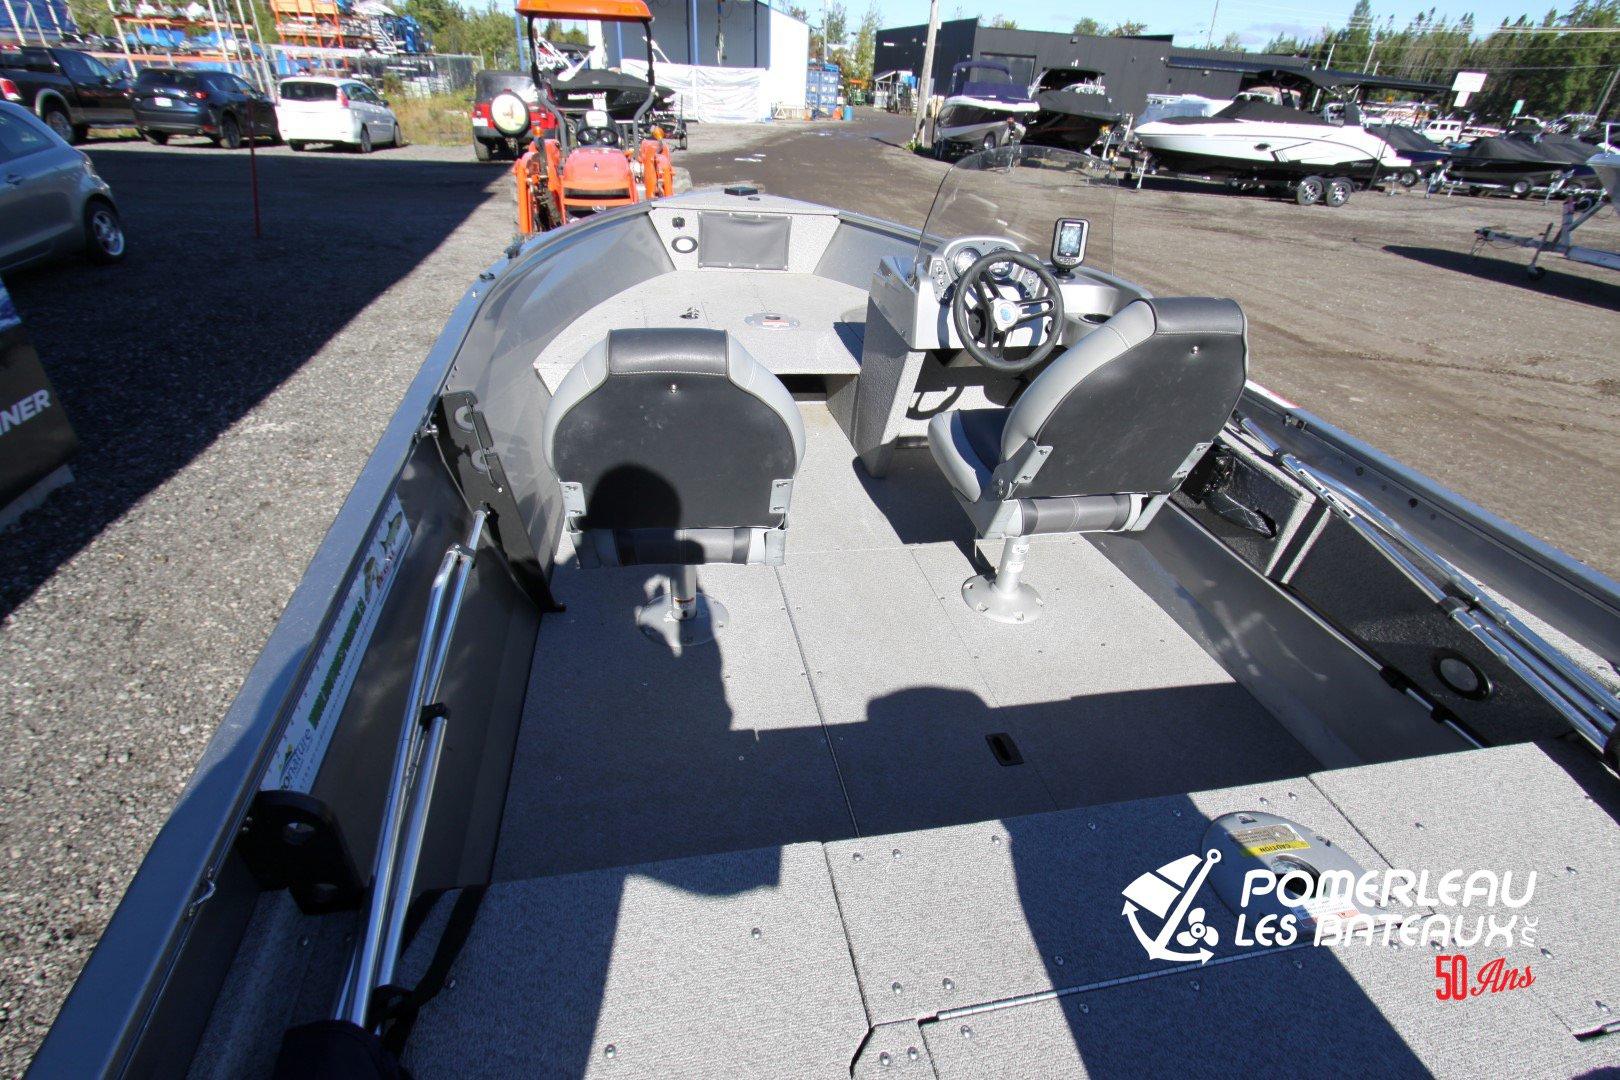 Crestliner Vision 16 SC - IMG_5848